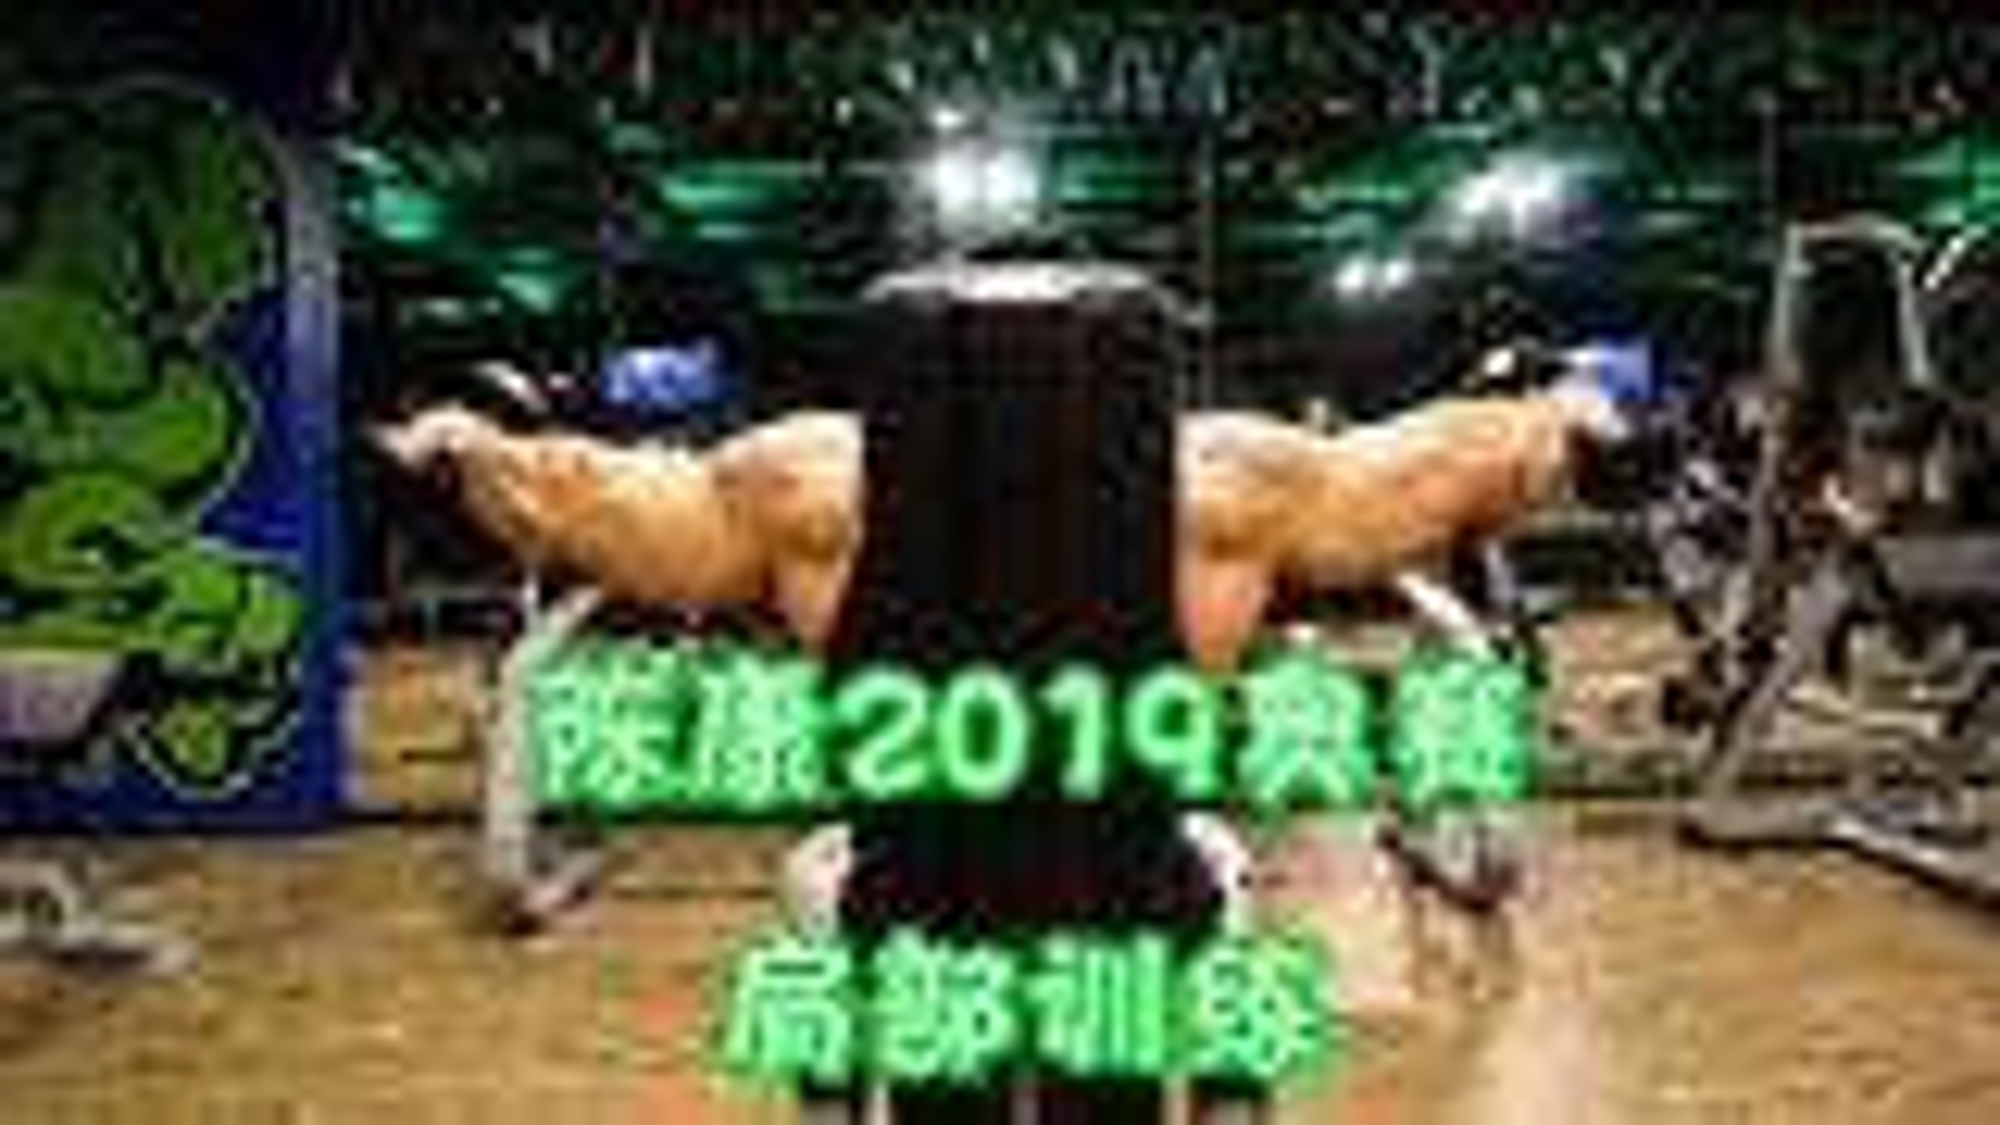 中国健美古典健体第一偶像陈康,首次亮相奥赛技惊四座,肩部肌肉训练